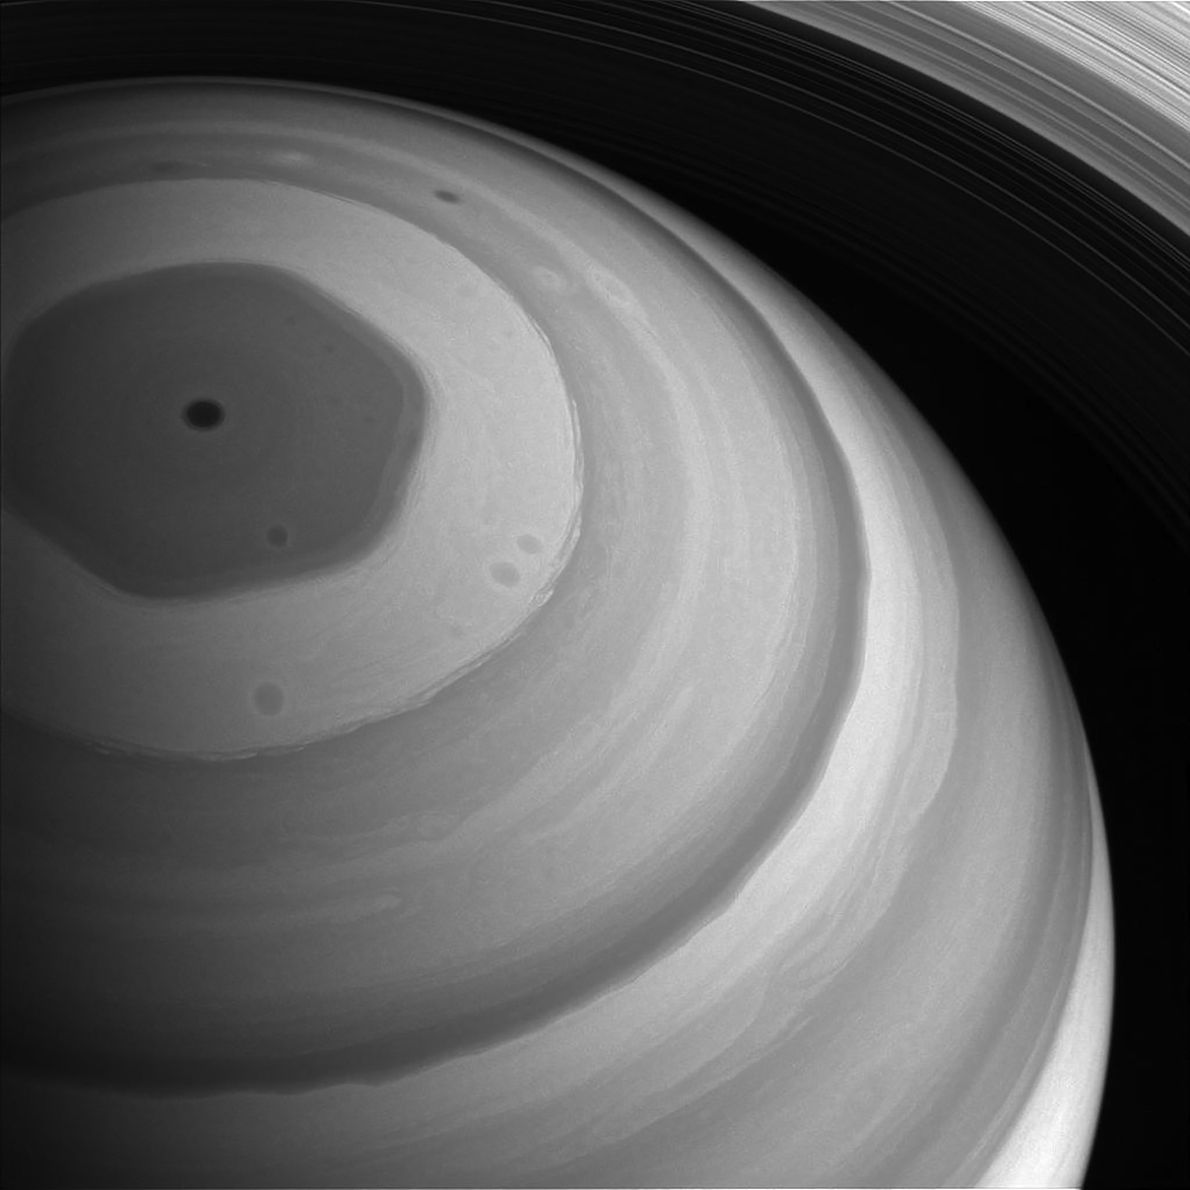 Nördliche Region des Saturn